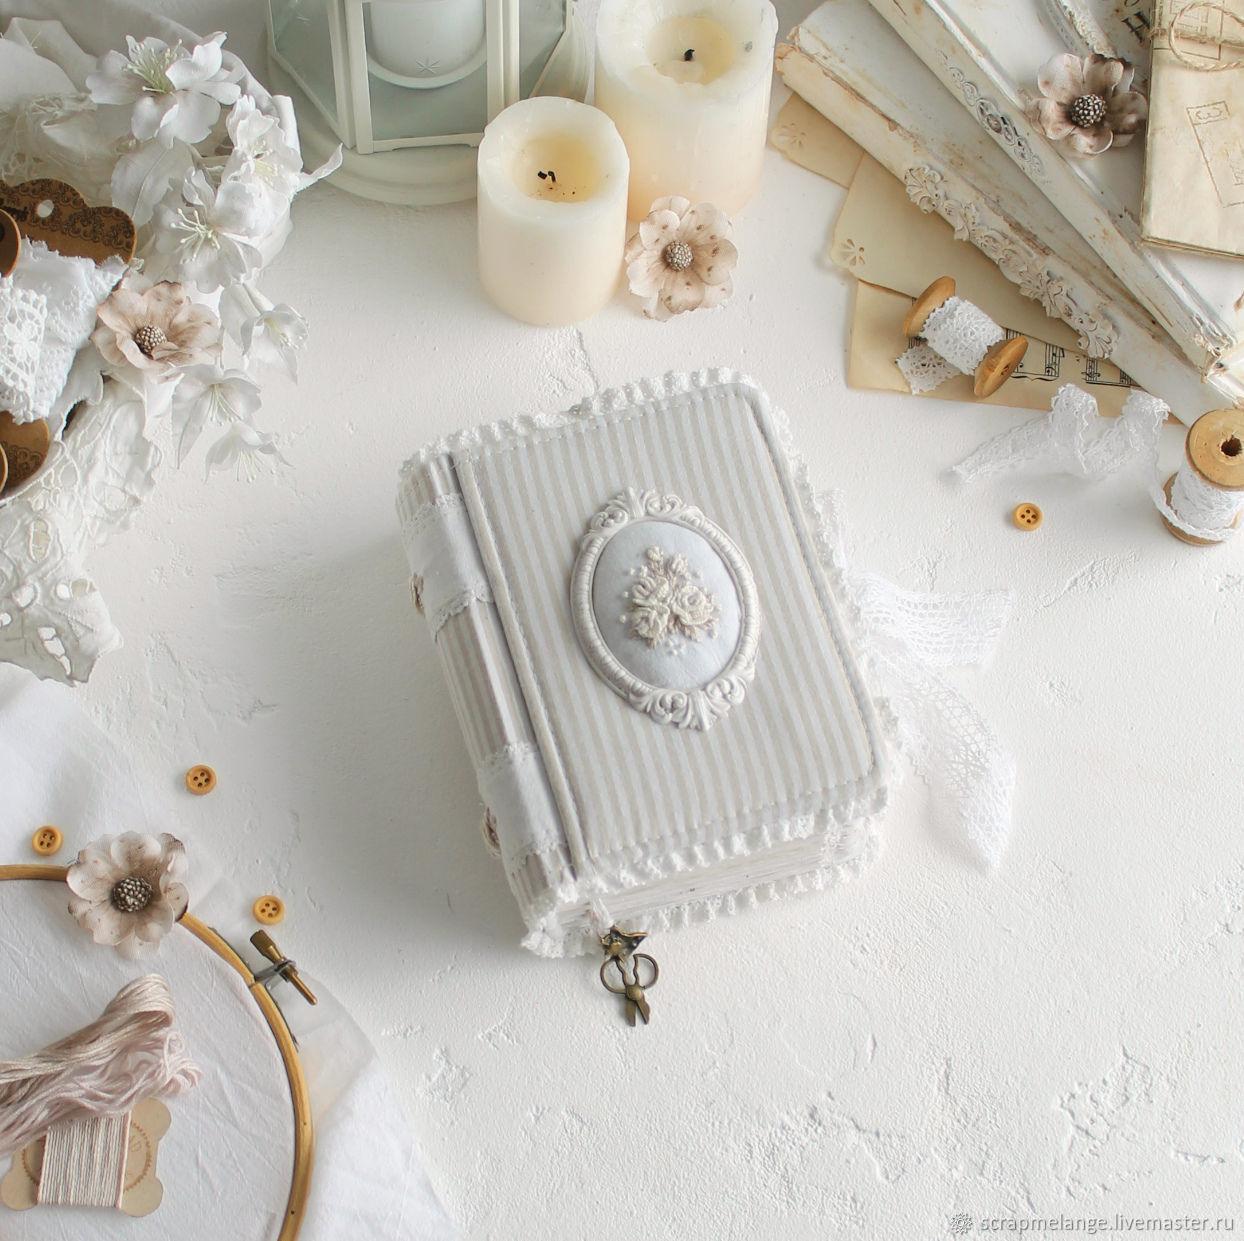 Notebook for a girl 'Tendernes' white shebby, Notebooks, Tyumen,  Фото №1